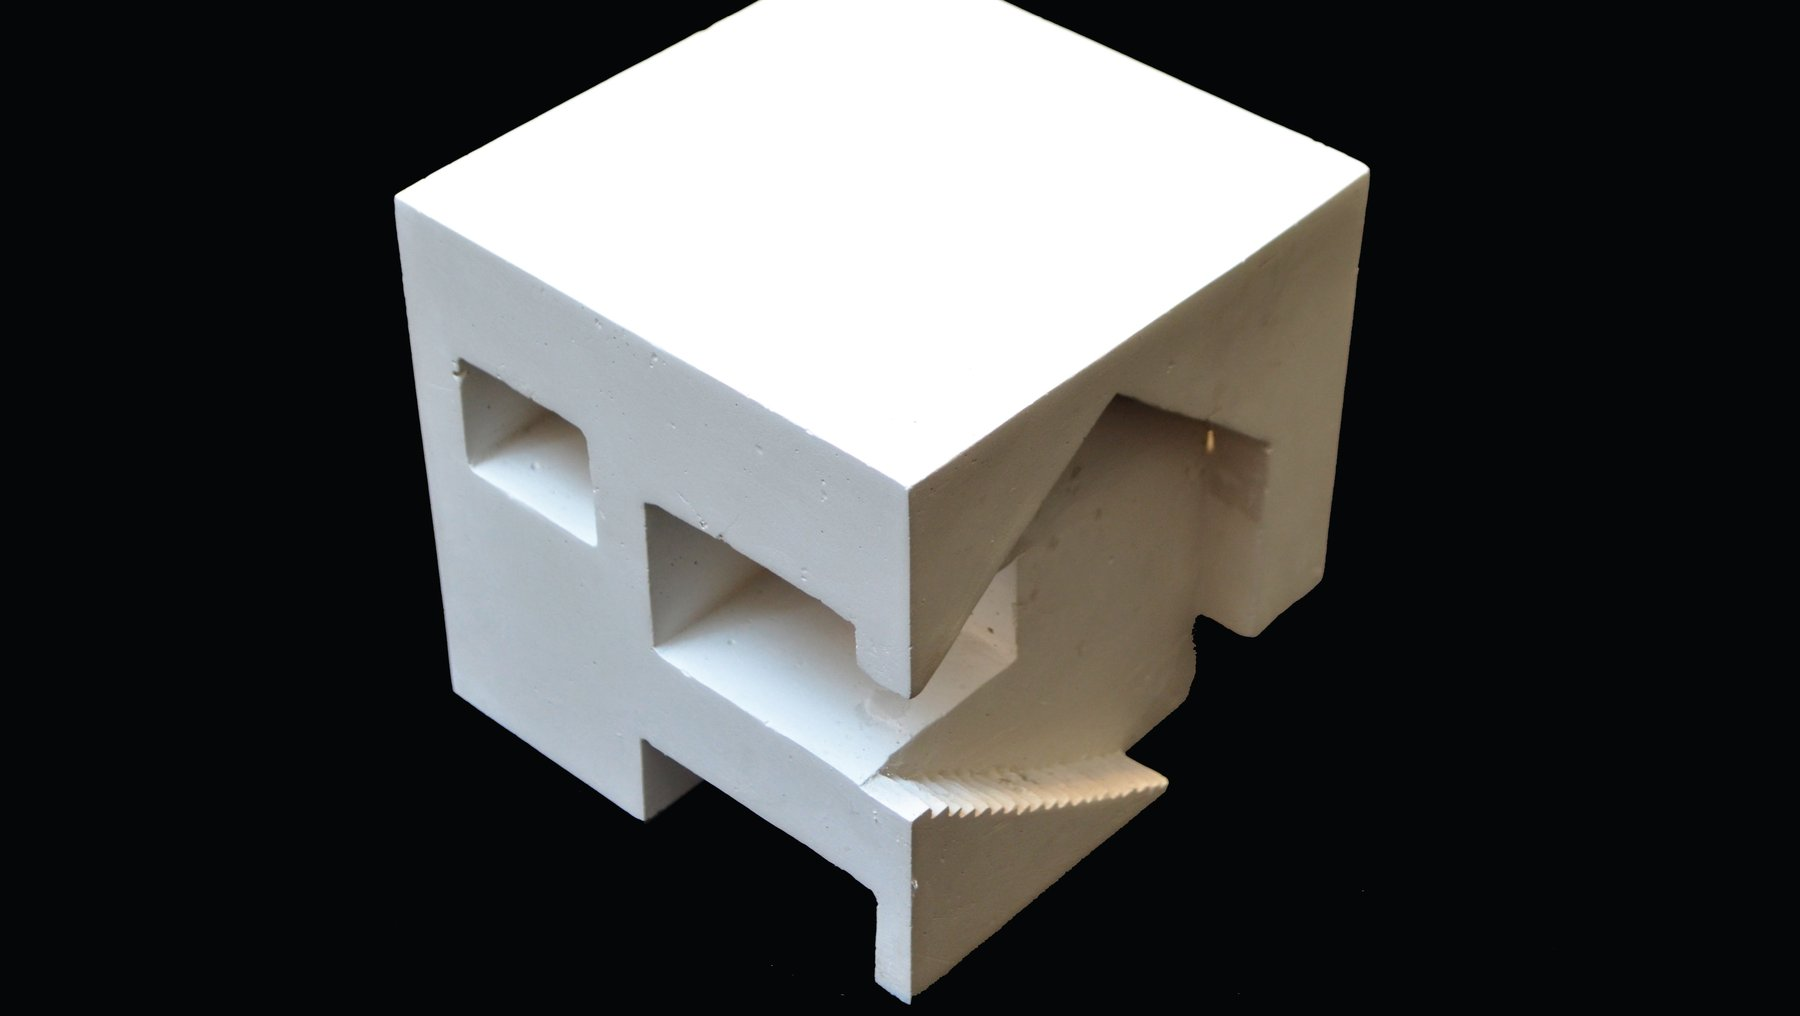 Modell Gleichschenkliges Dreieck